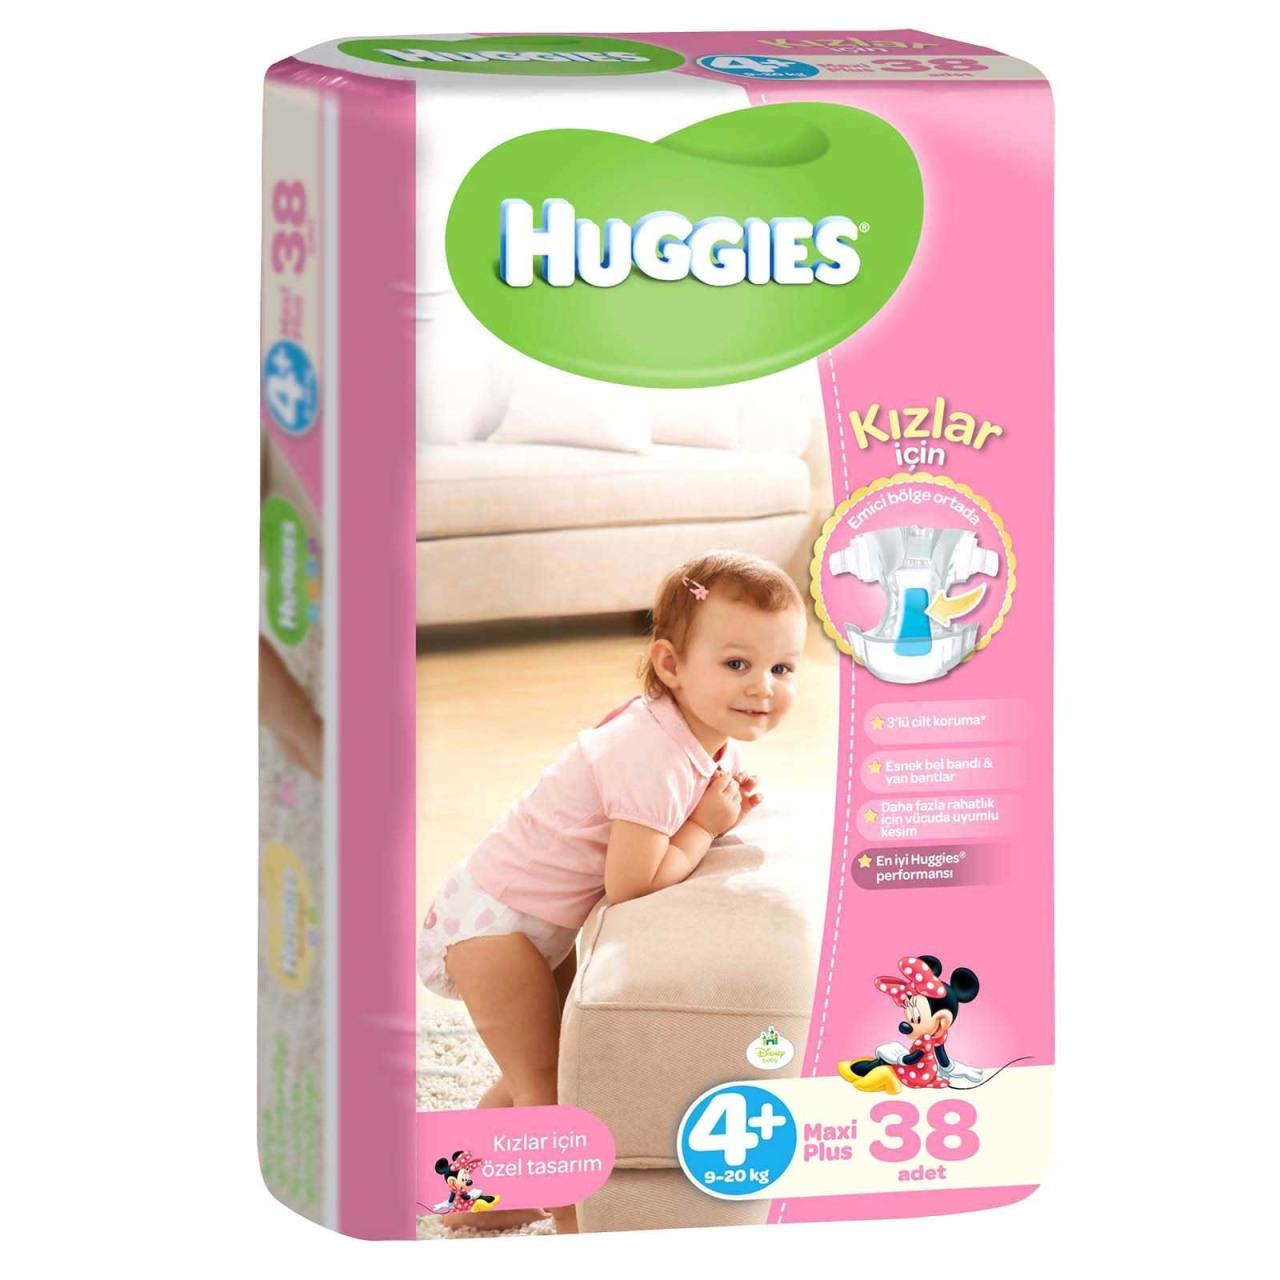 huggies kızlar için